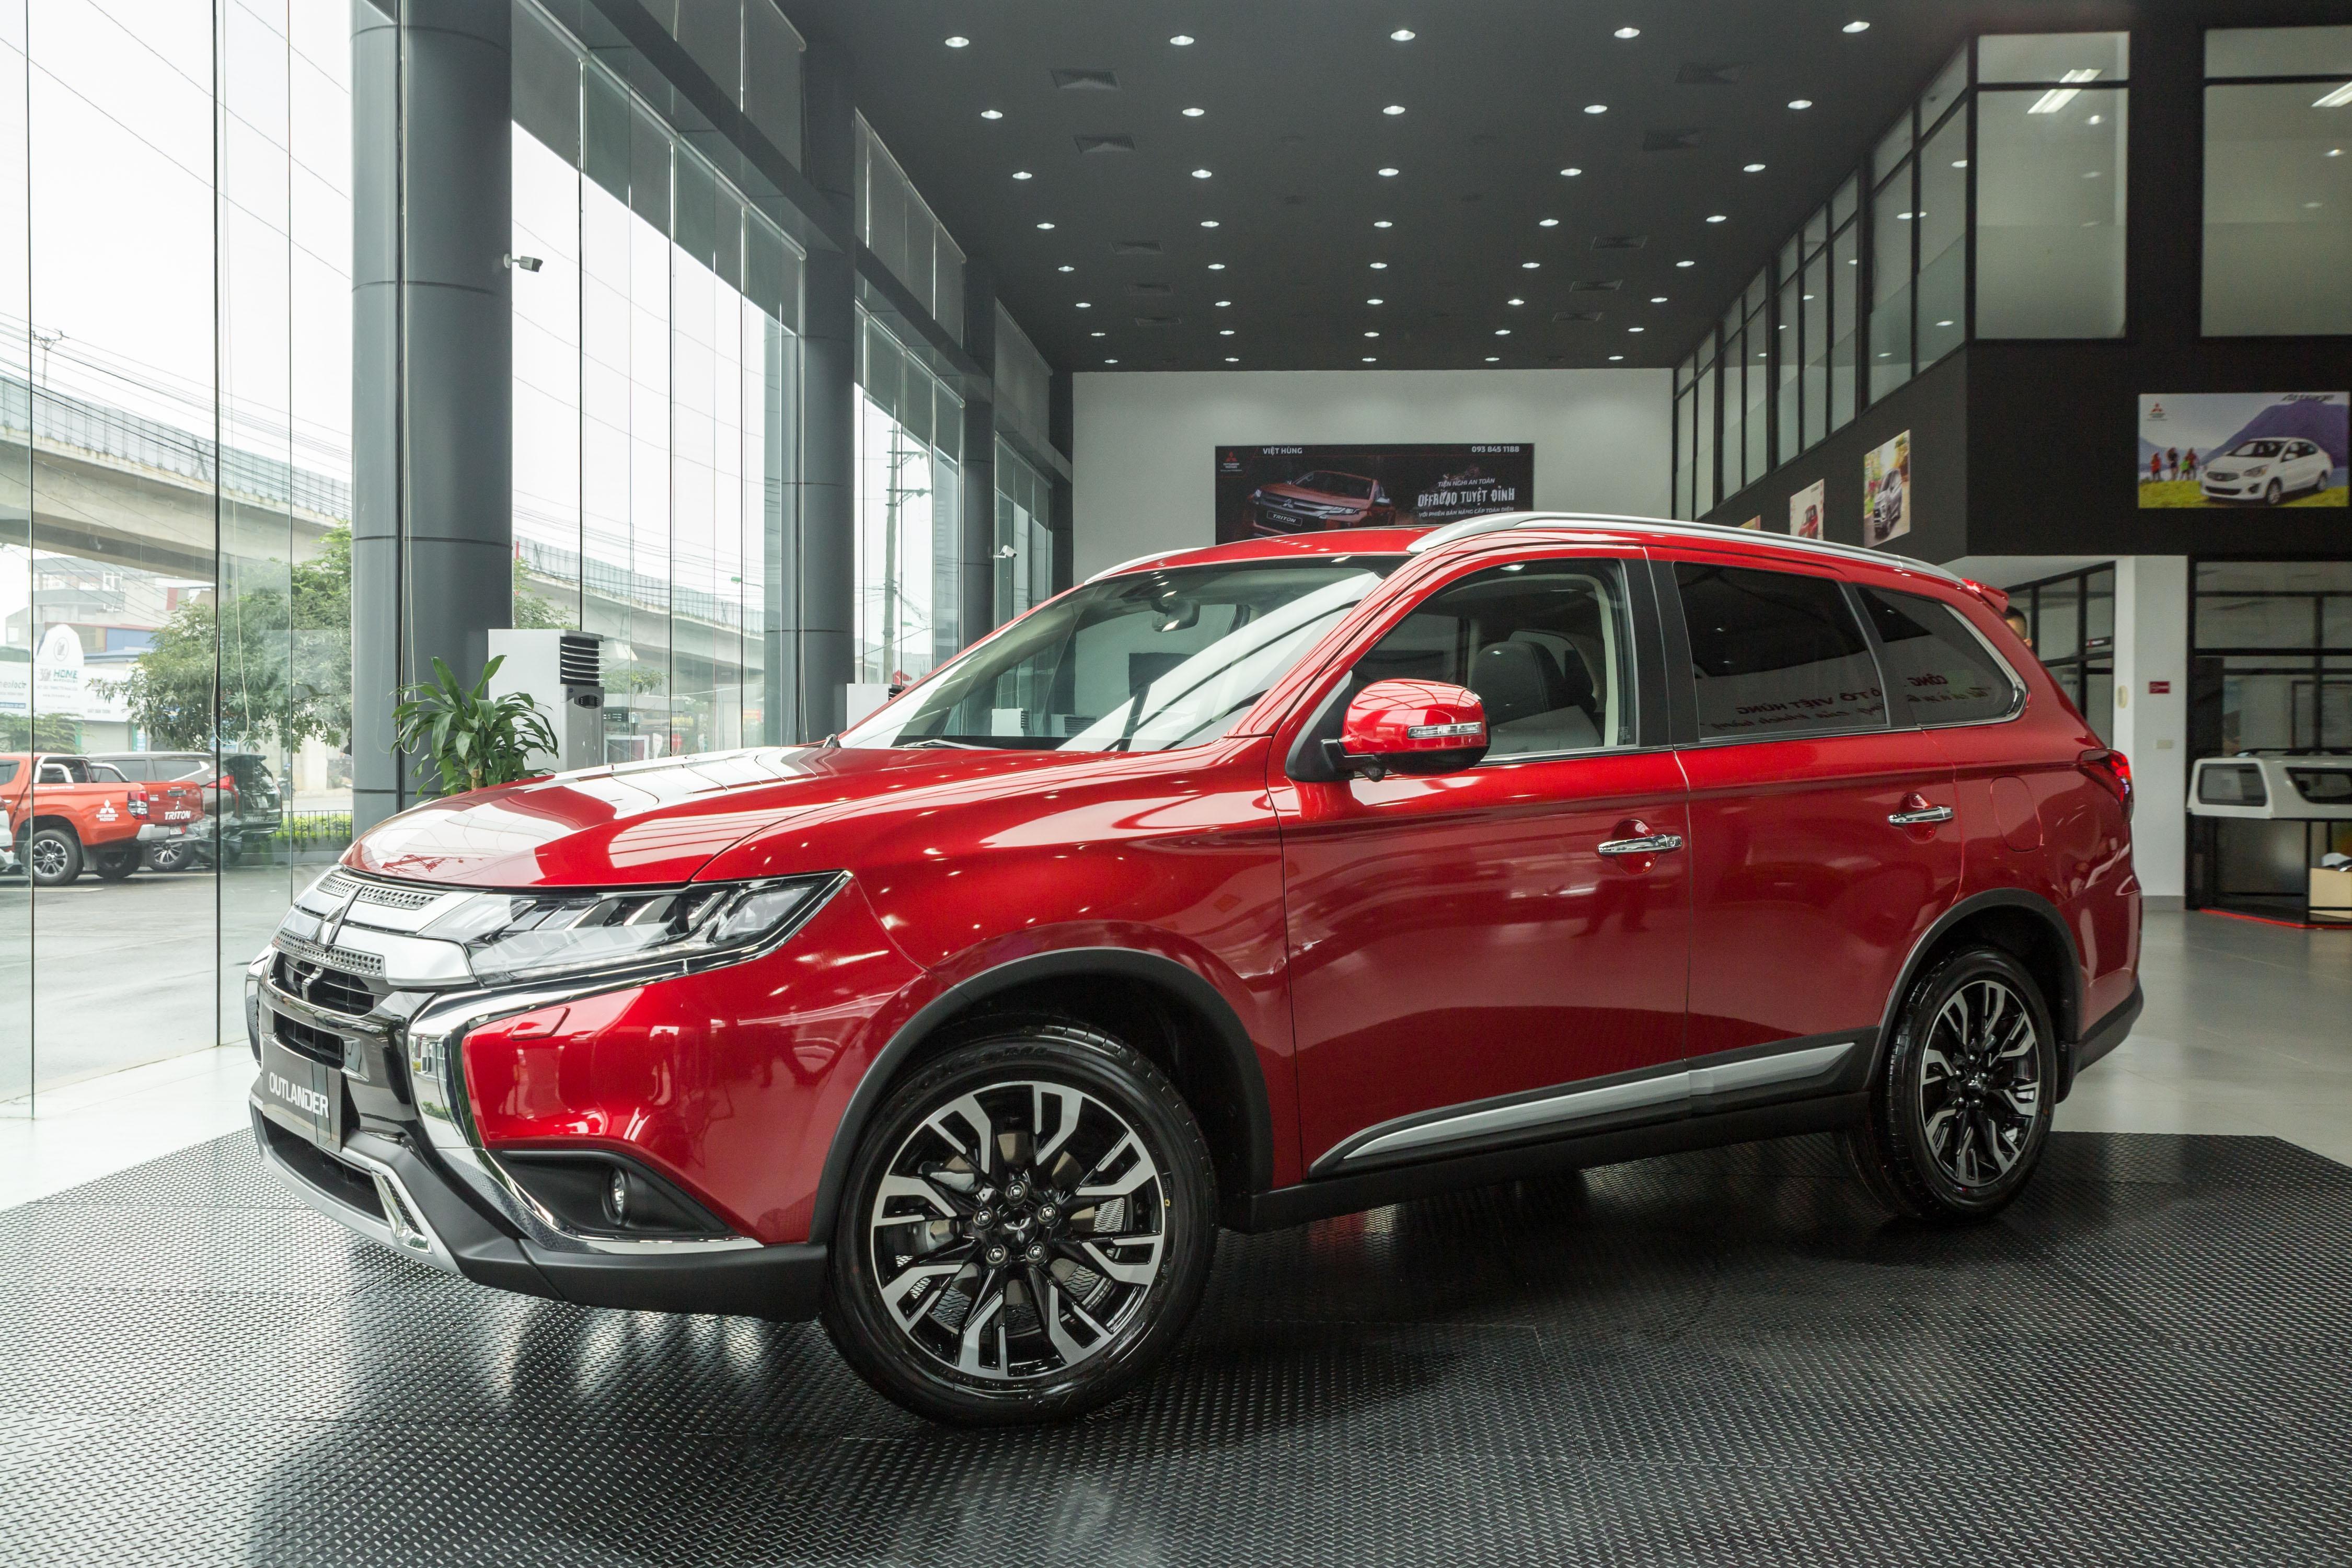 Đại lý giảm giá, tặng phụ kiện hơn trăm triệu đồng cho Honda CR-V Ảnh 2